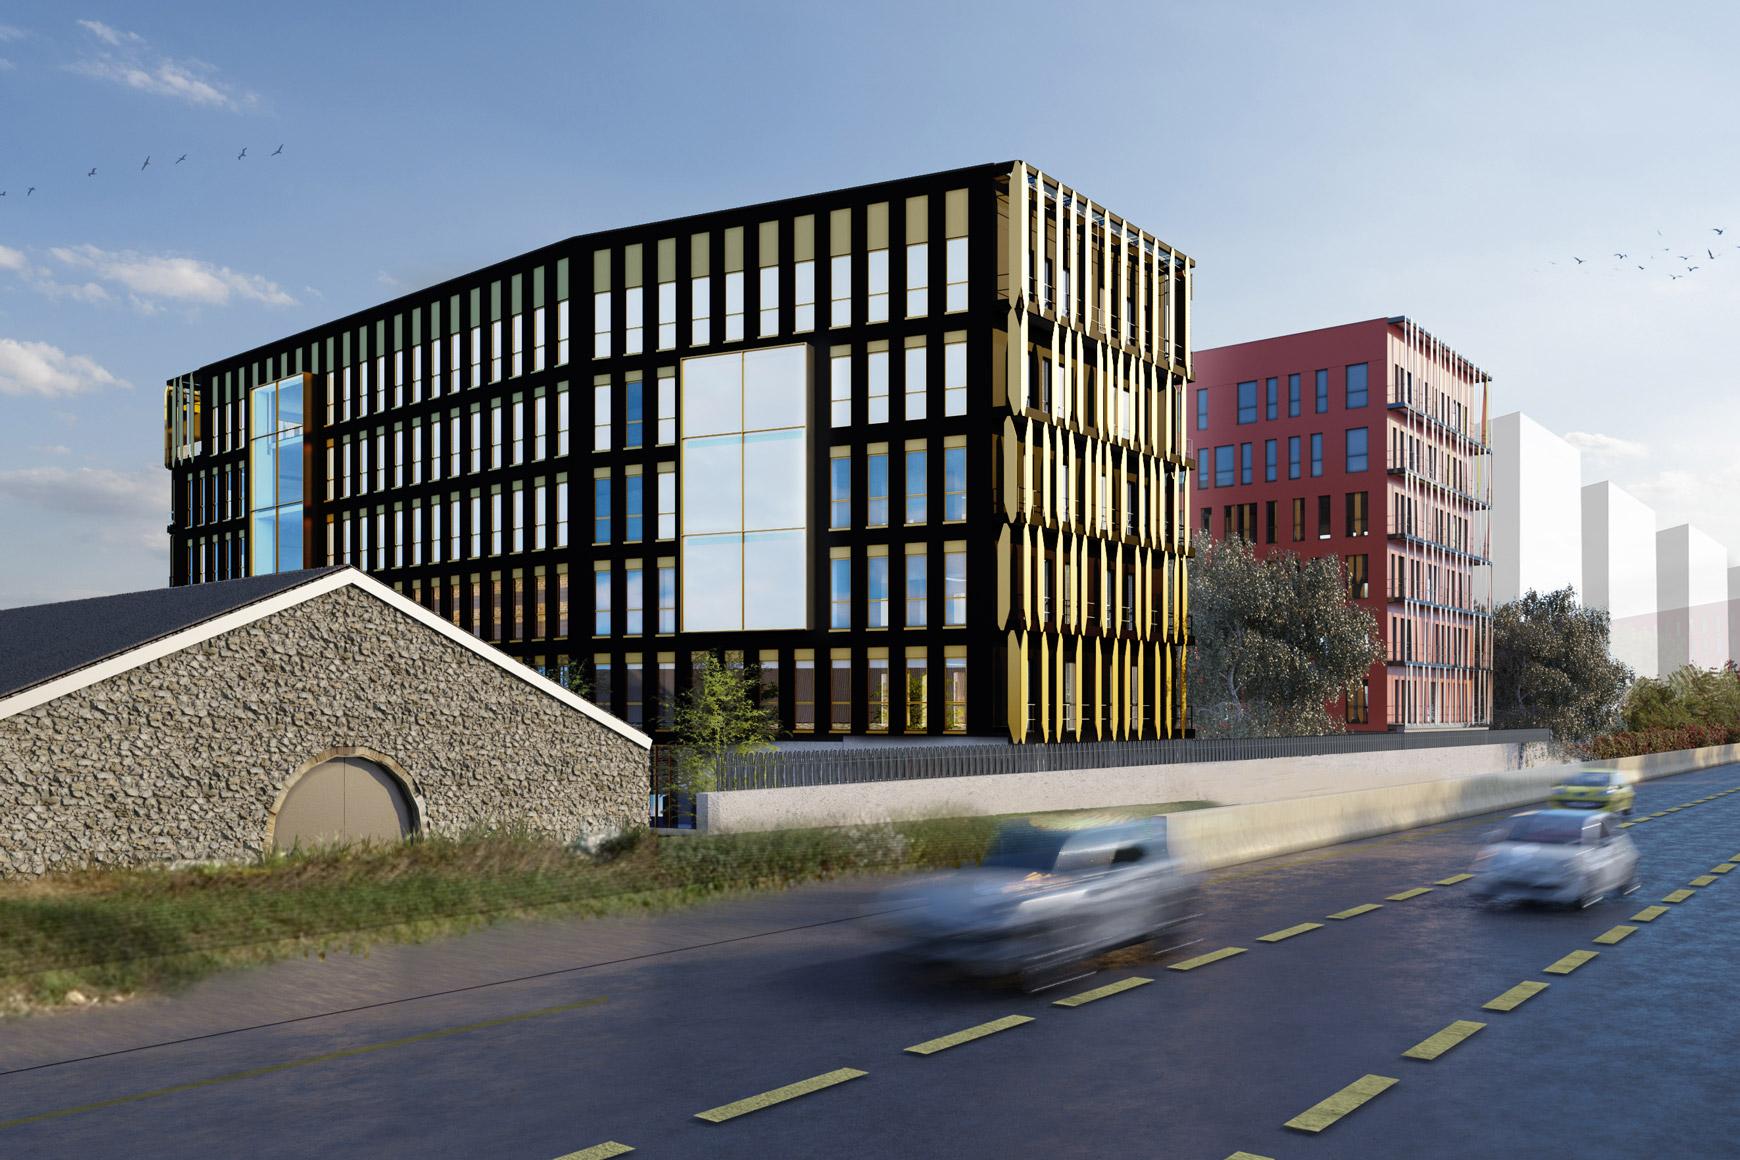 Bâtiment de bureaux à Grenoble au sein de la ZAC Bouchayer Viallet, labélisé BREEAM VERY GOOD, réalisé par le pôle Tertiaire de l'agence d'architecture SOHO ATLAS IN FINE LYON. Perspective, vue depuis la rue.